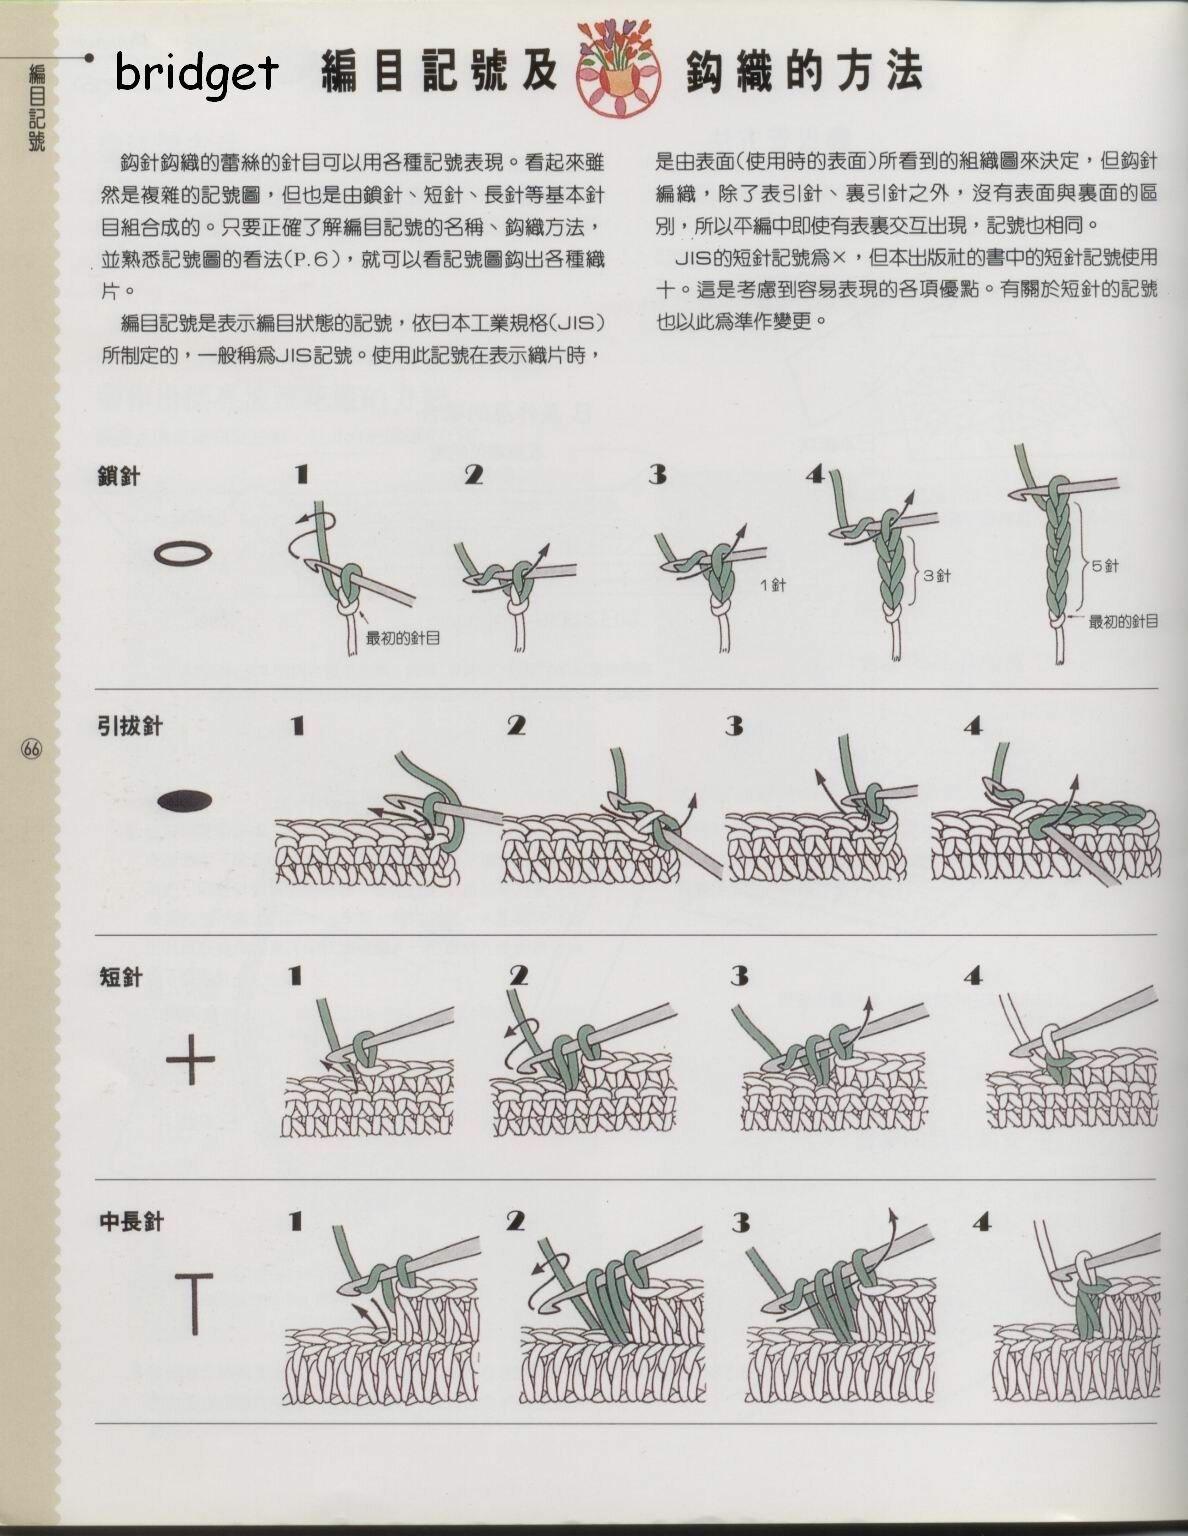 азы вязания крючком для начинающих в картинках многих ассоциируется